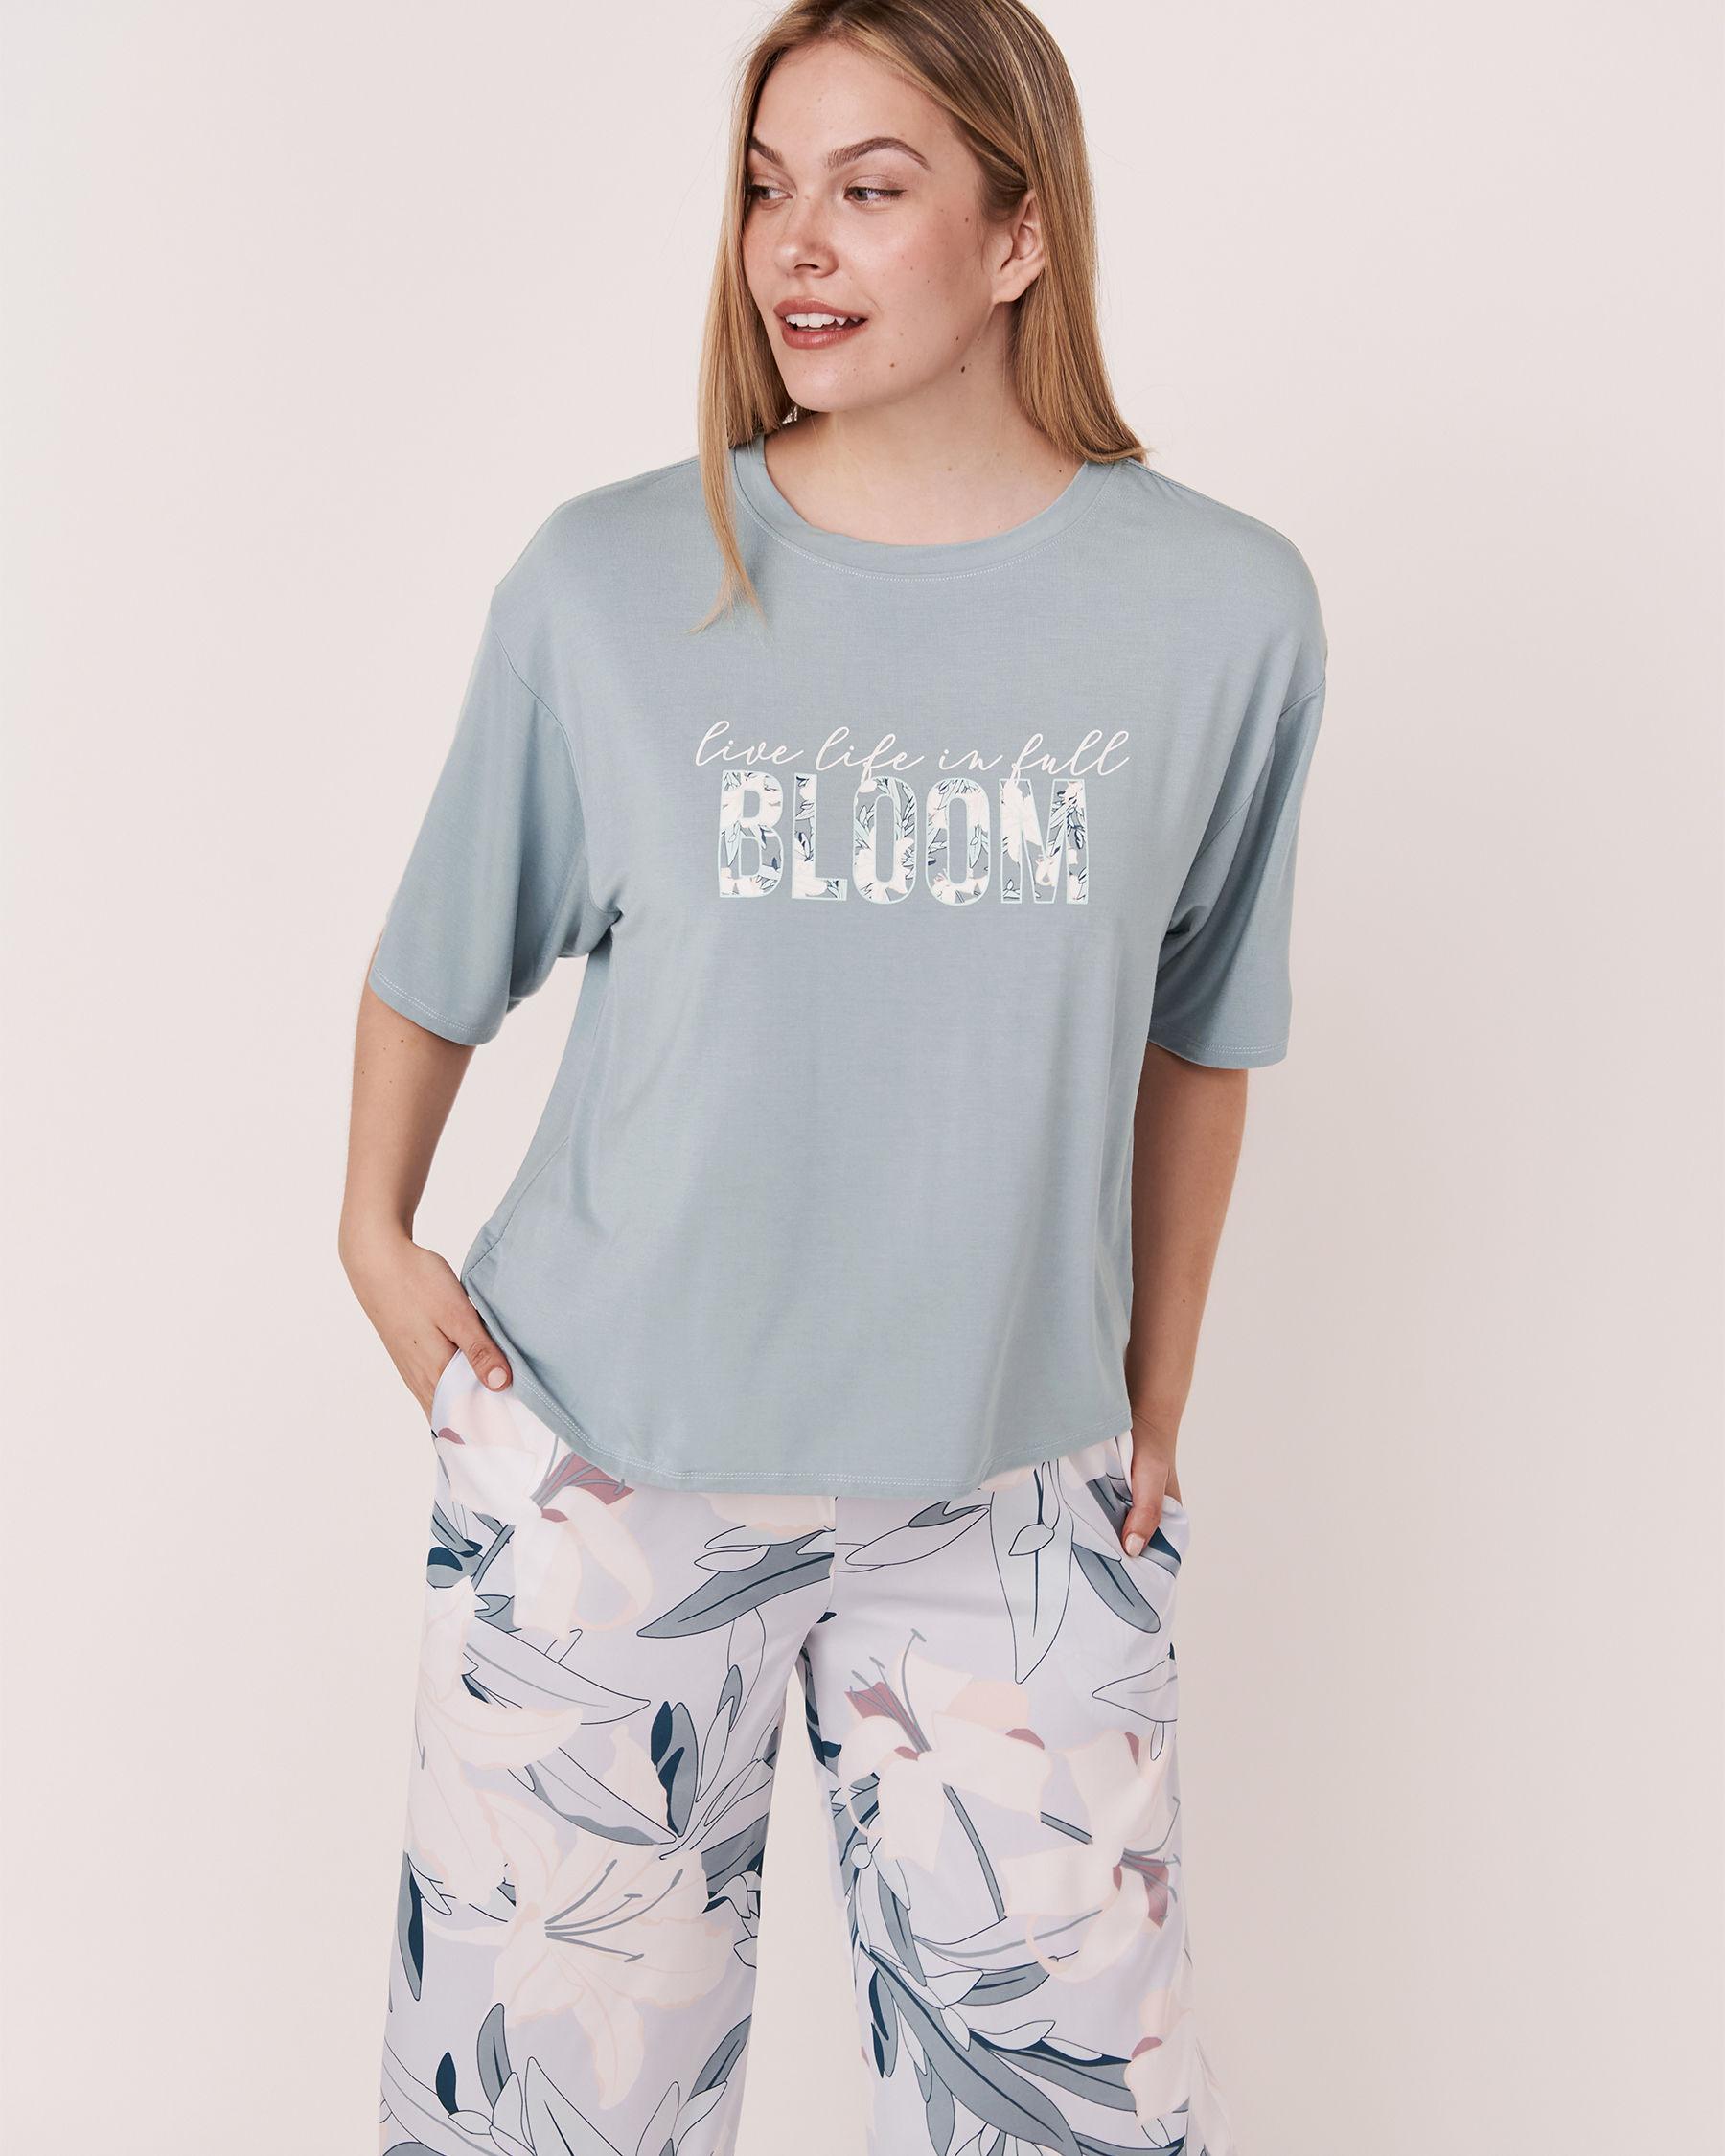 LA VIE EN ROSE Chandail manches courtes tombantes Bleu gris 40100068 - Voir1